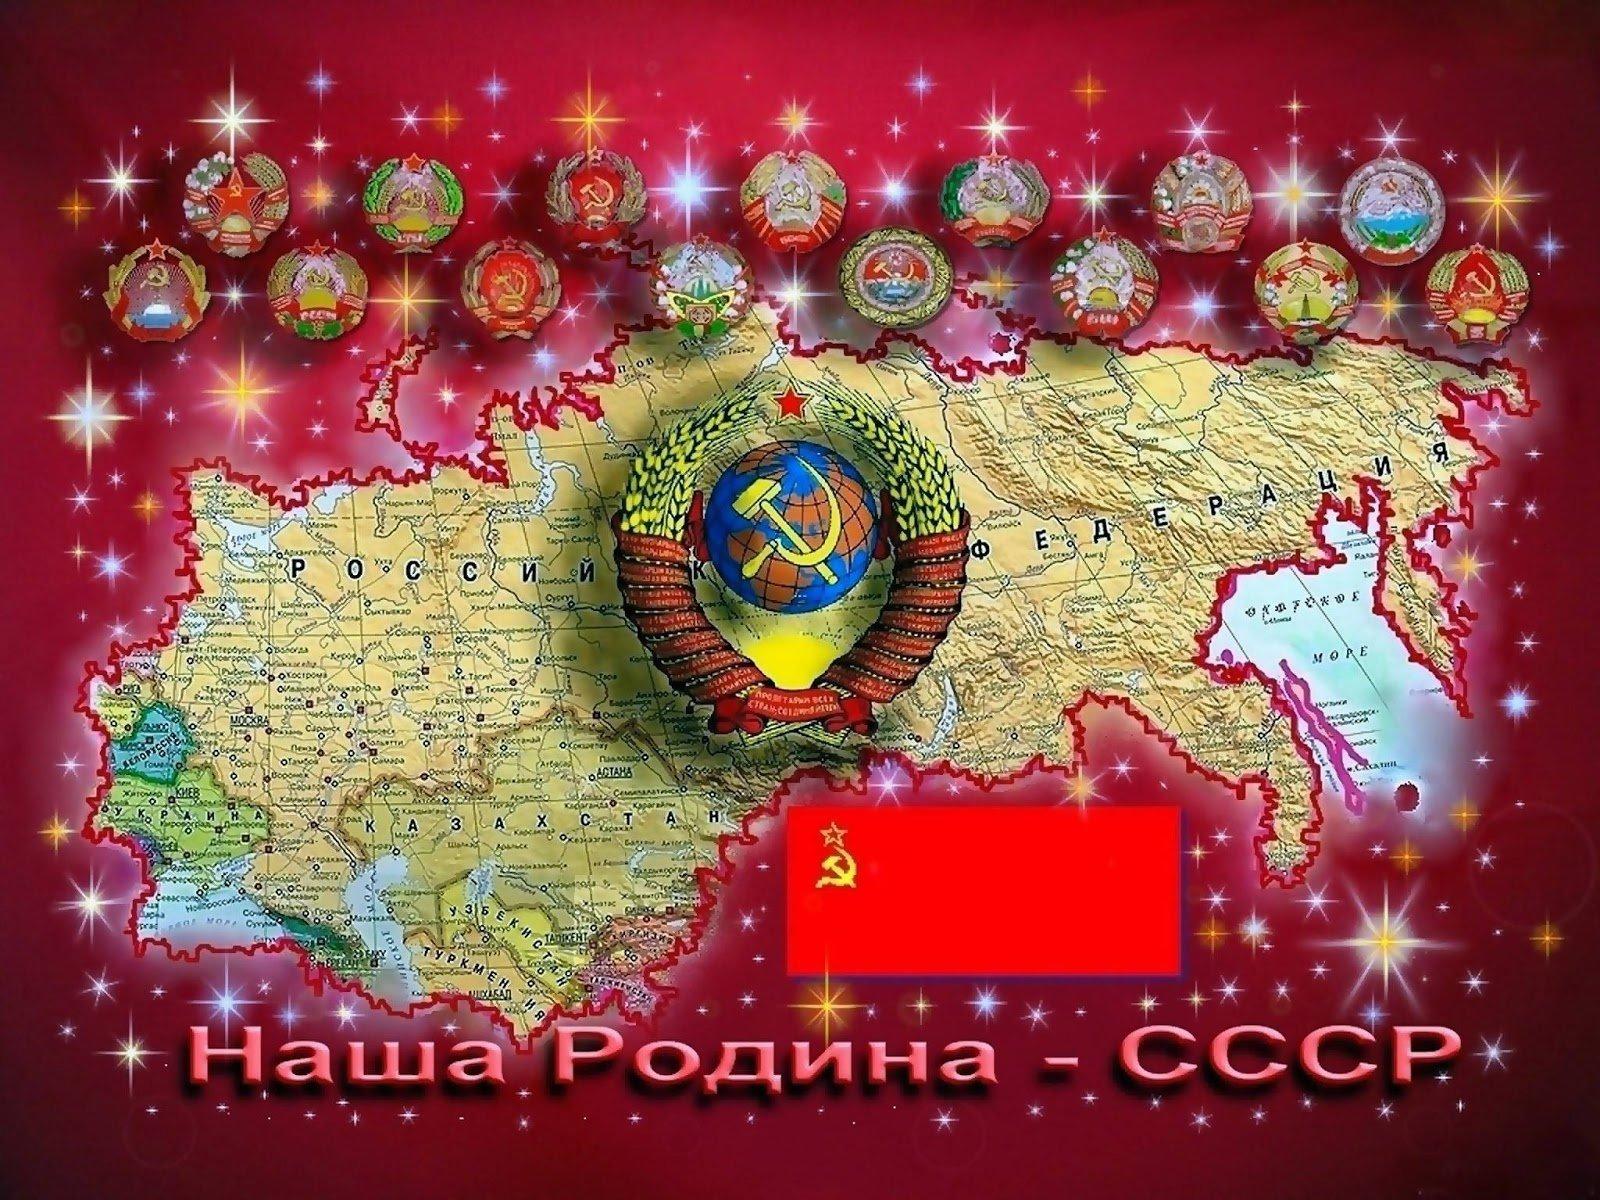 Россия Флаг картинки 27 фото скачать обои